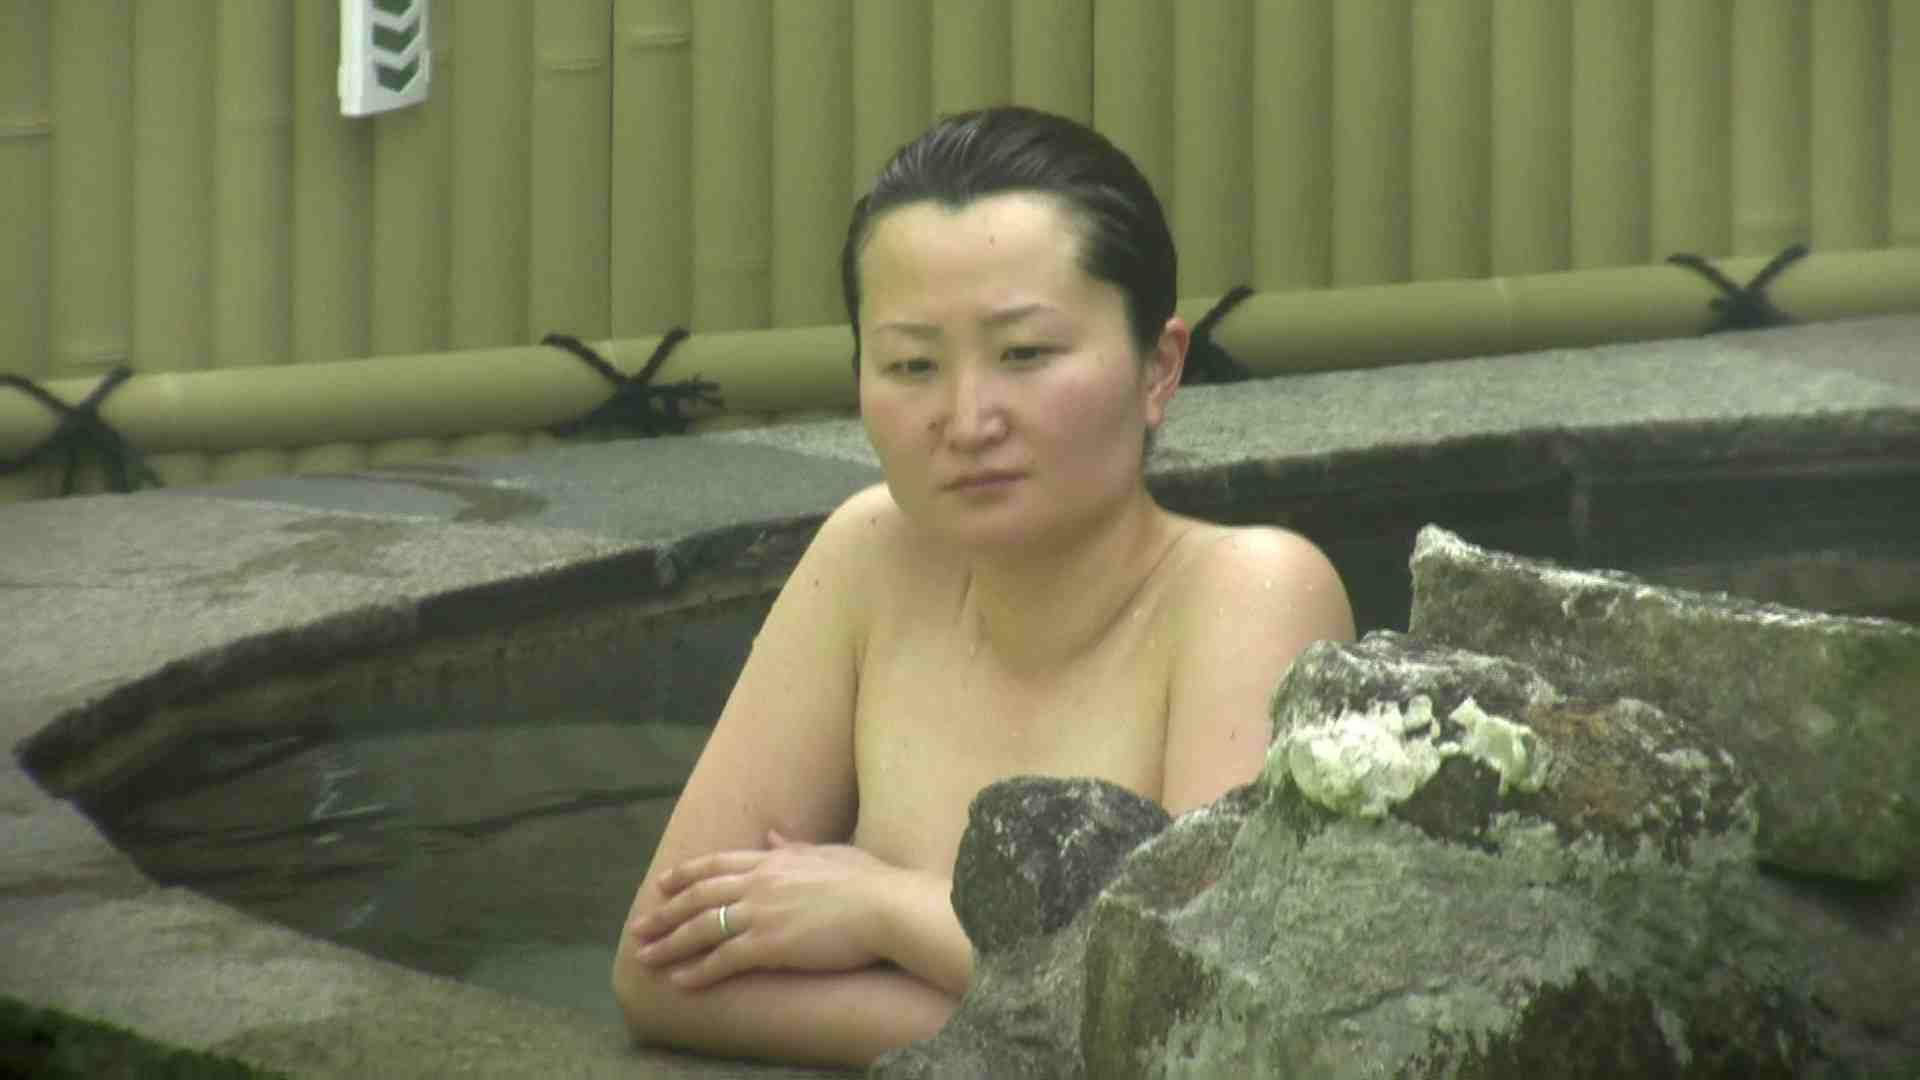 Aquaな露天風呂Vol.632 OL女体 のぞき動画画像 75連発 68